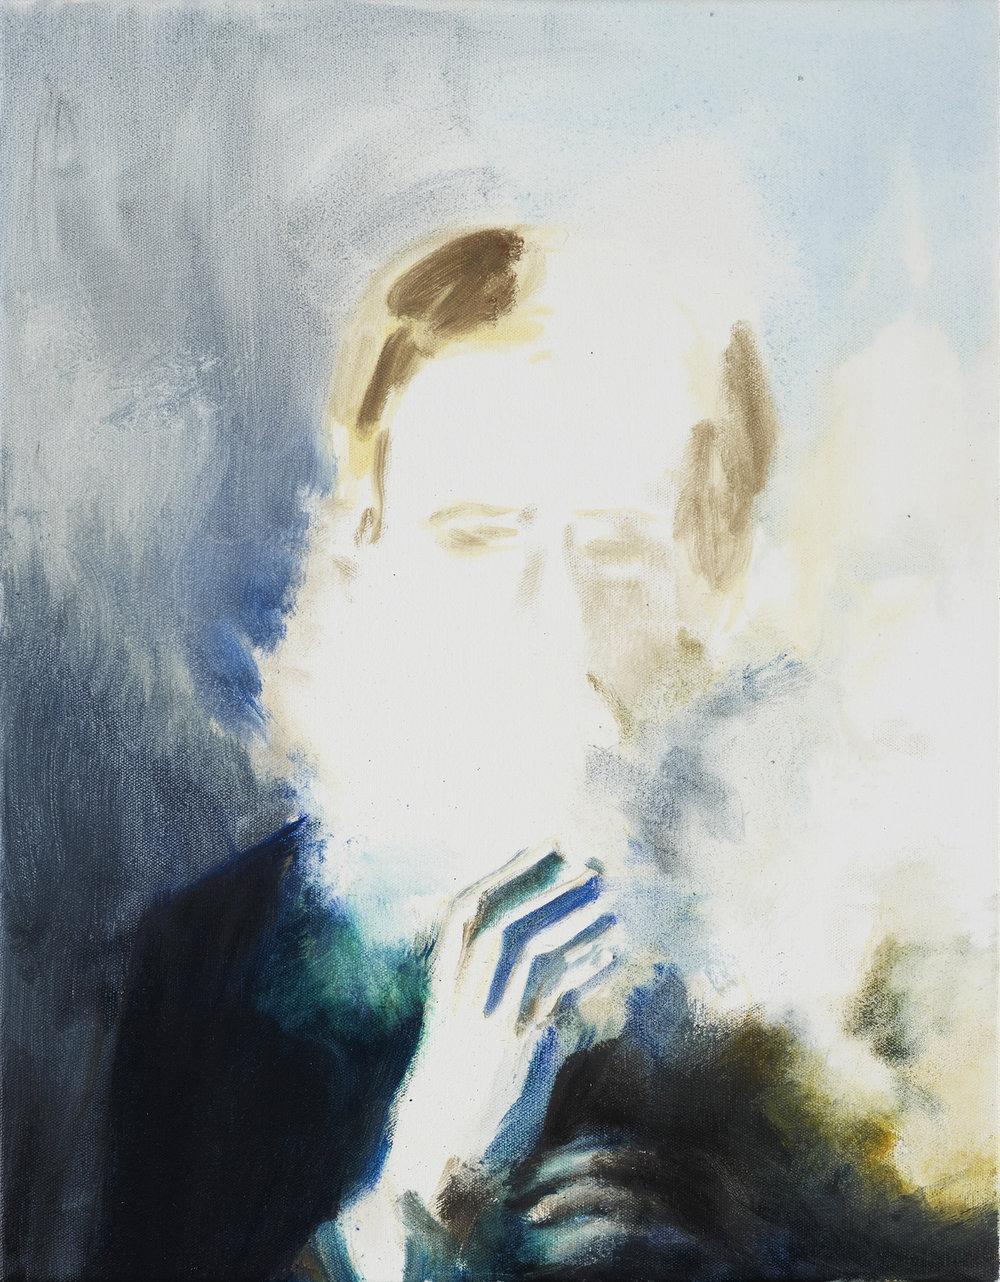 Smoke, 2016